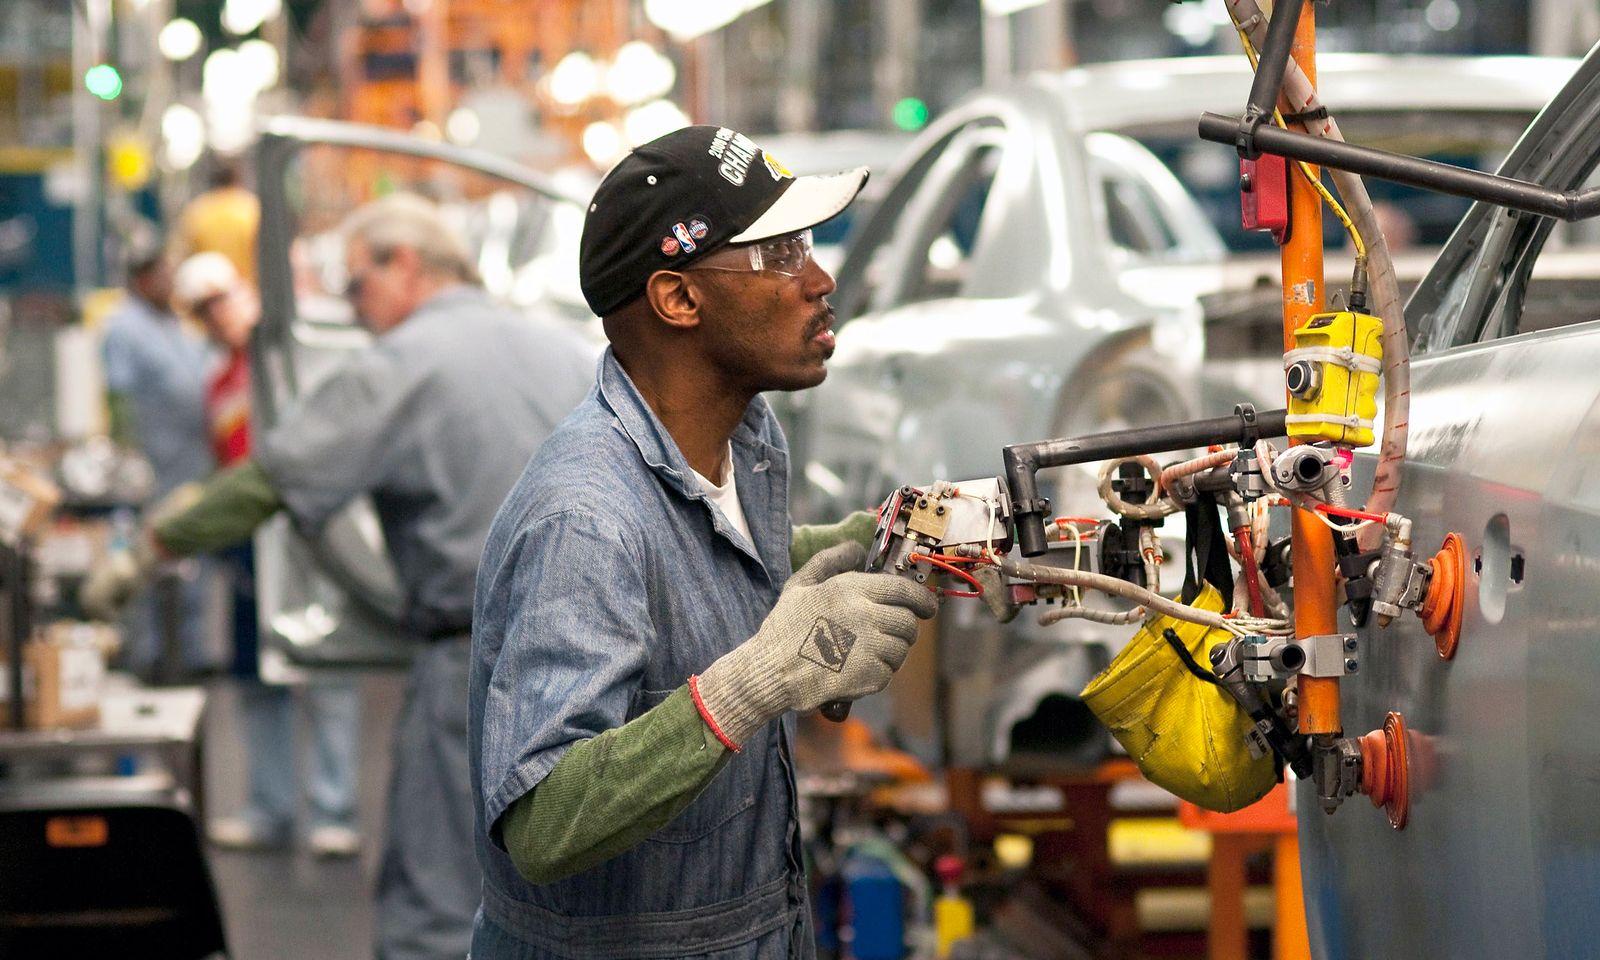 USA / Konjunktur / Auto-Industrie / Wirtschaft